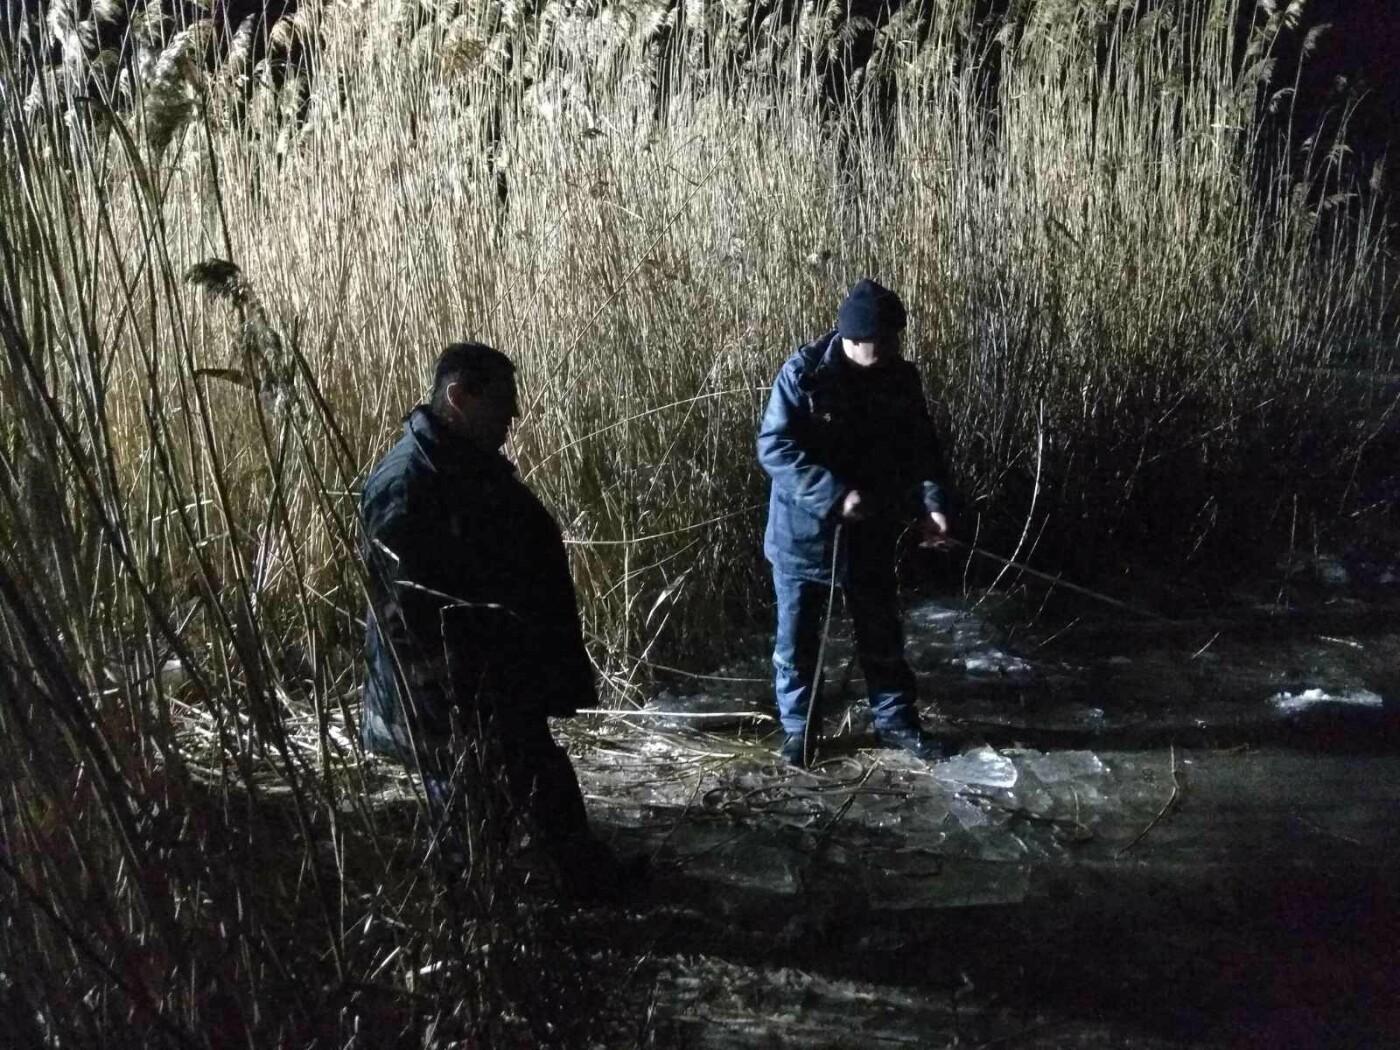 На Харьковщине трое школьников провалились под лед: двое подростков погибли, - ФОТО, фото-1